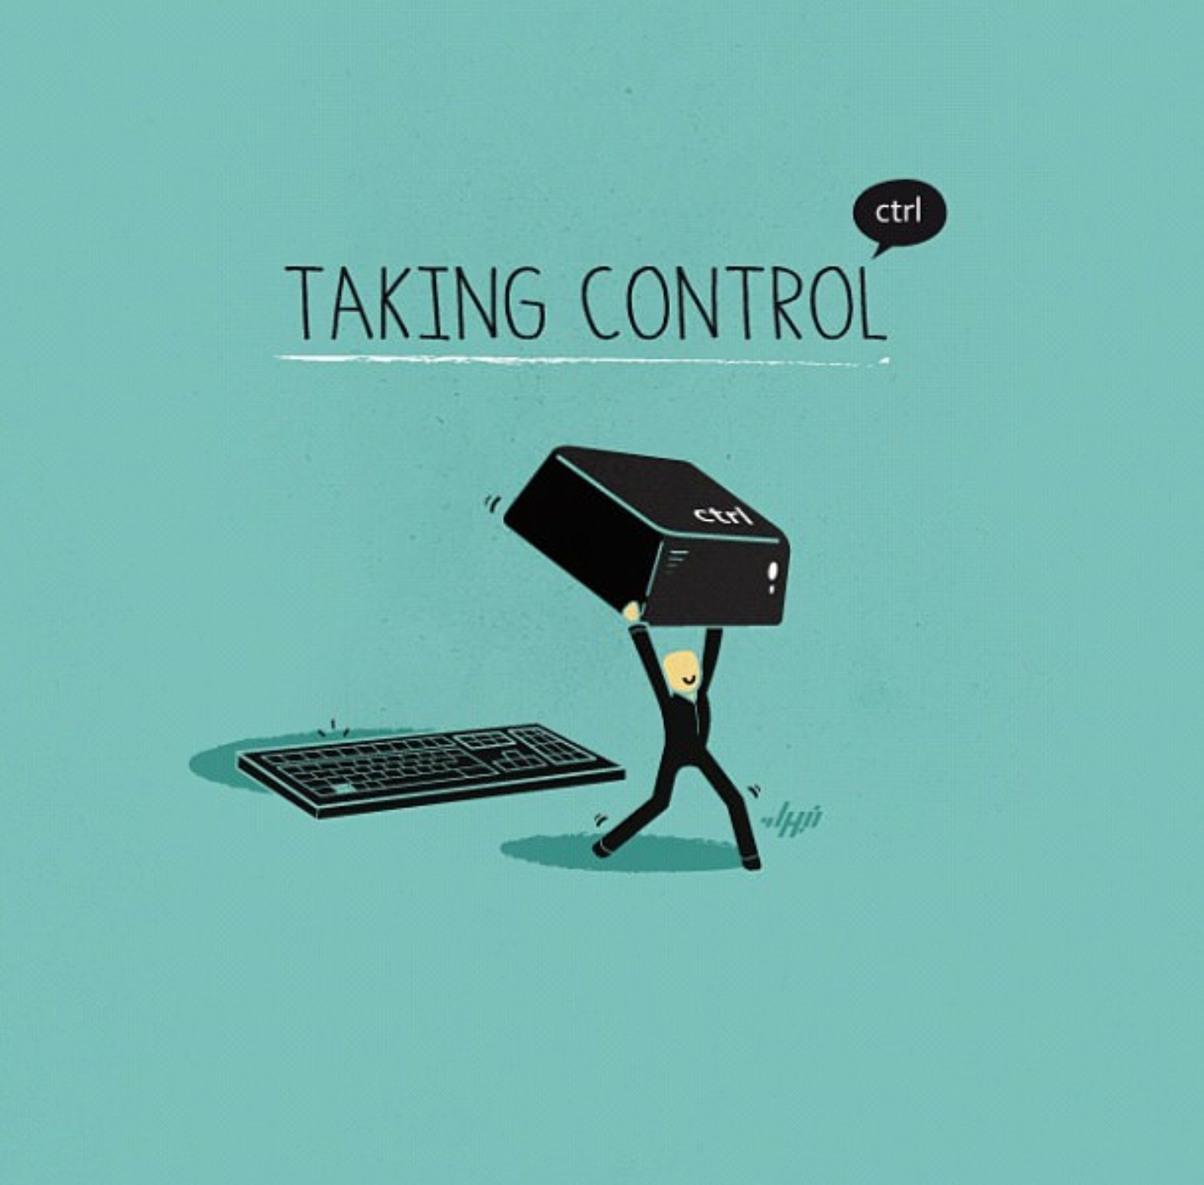 Prendre le contrôle - meme